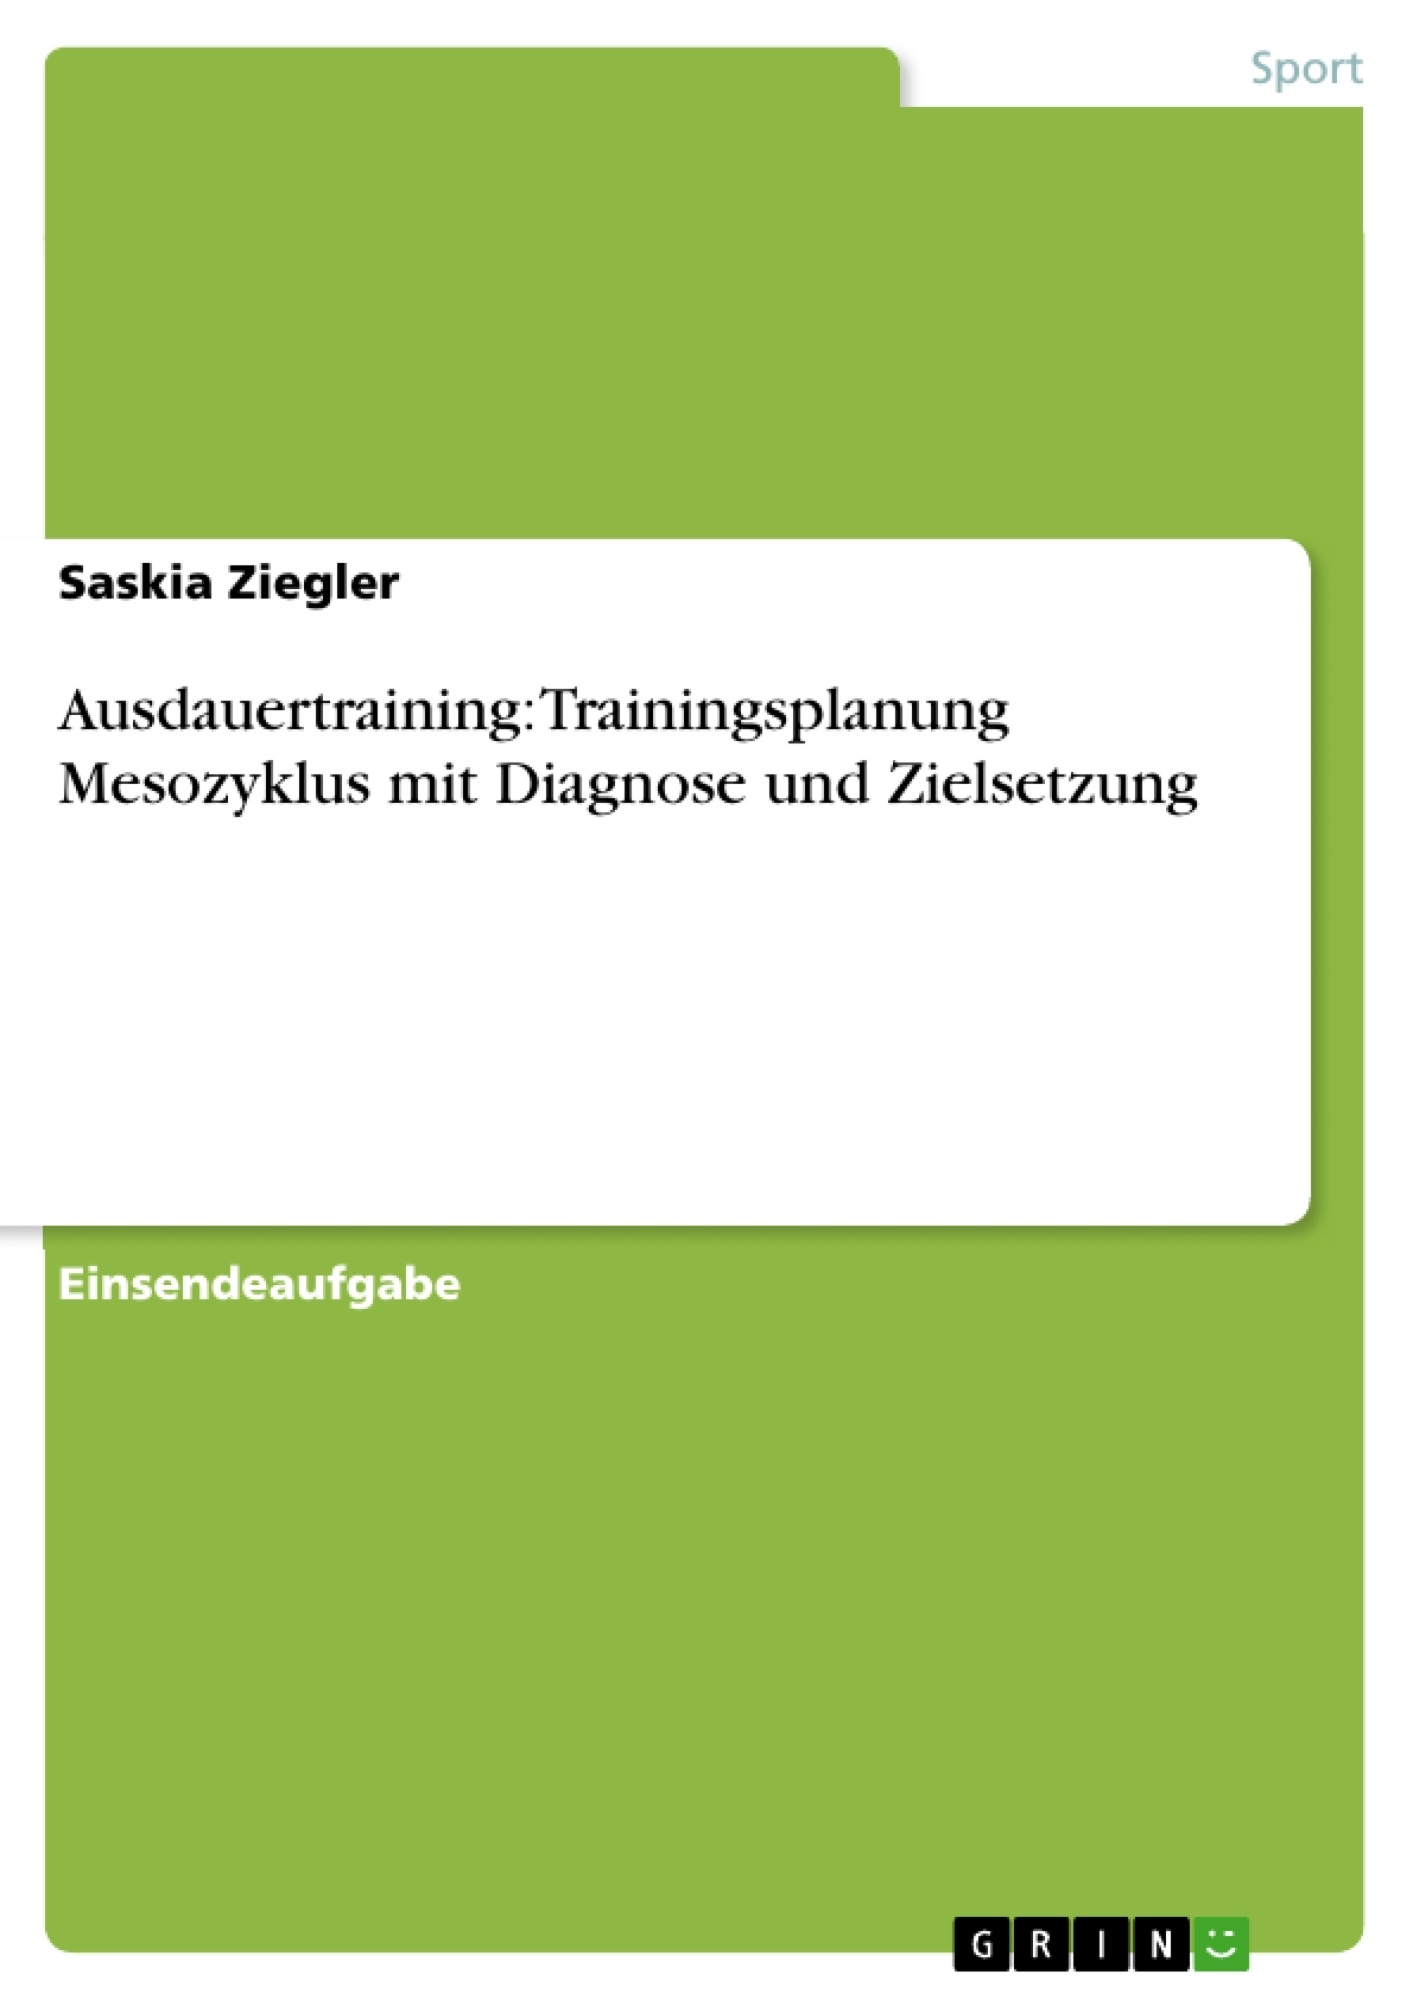 Titel: Ausdauertraining: Trainingsplanung Mesozyklus mit Diagnose und Zielsetzung